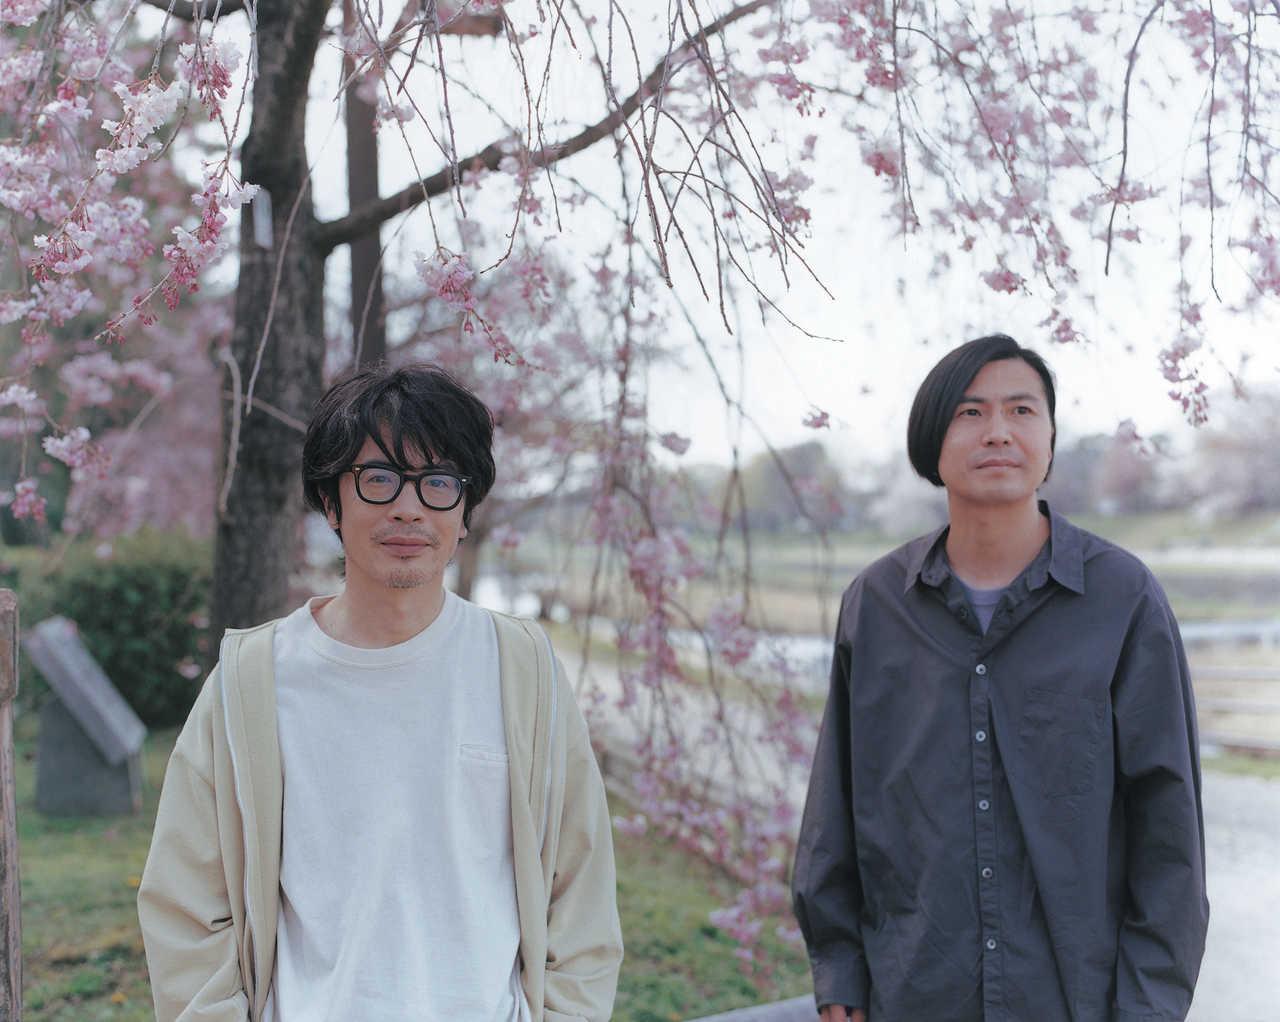 くるり主催「京都音楽博覧会2021」 10/2にオンラインで開催決定